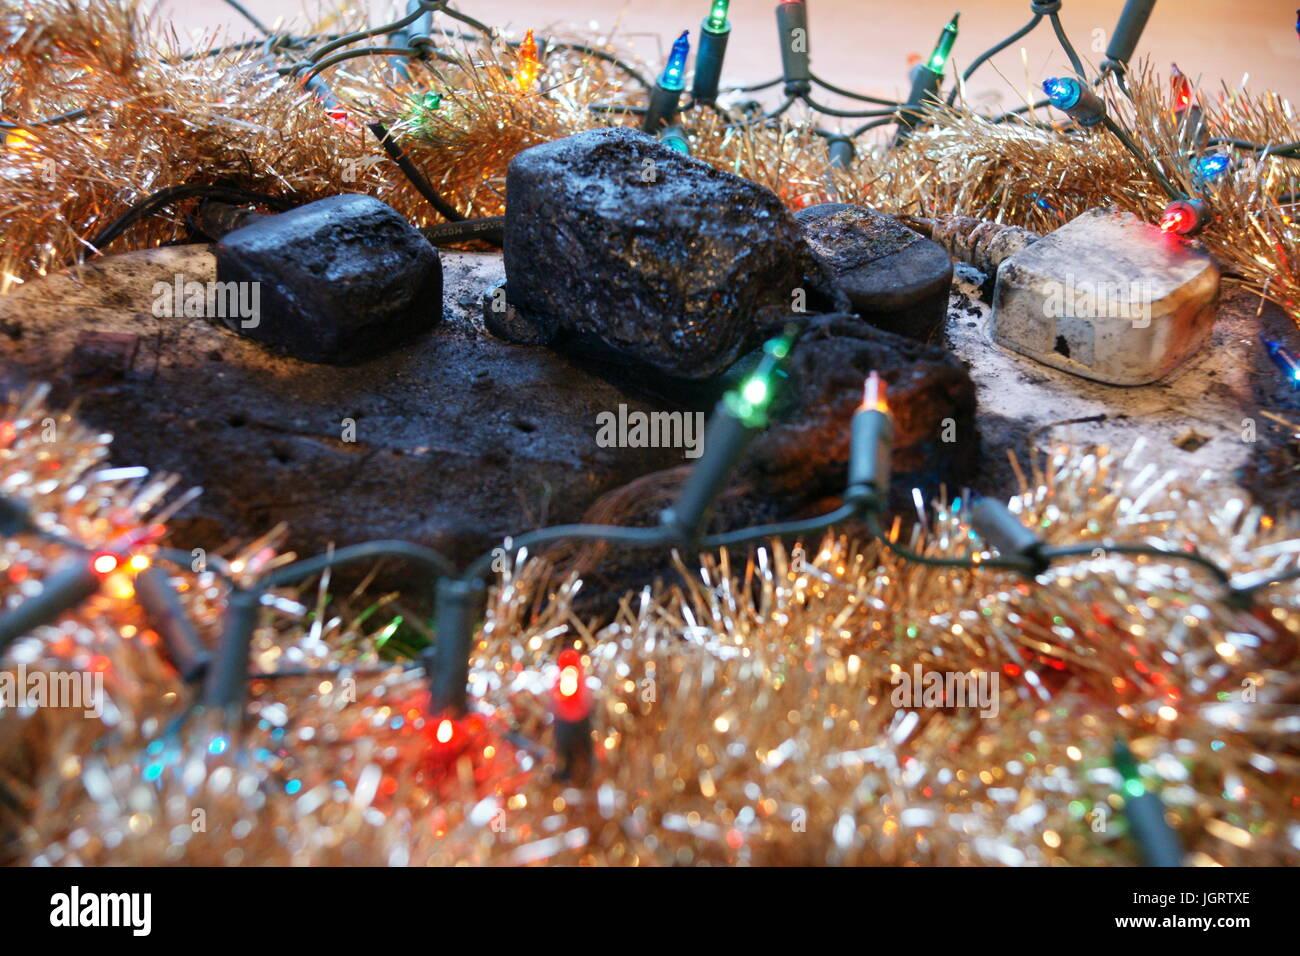 Adapter Für Weihnachtsbeleuchtung.überlastet Multi Socket Adapter Weihnachtsbeleuchtung Stockfoto